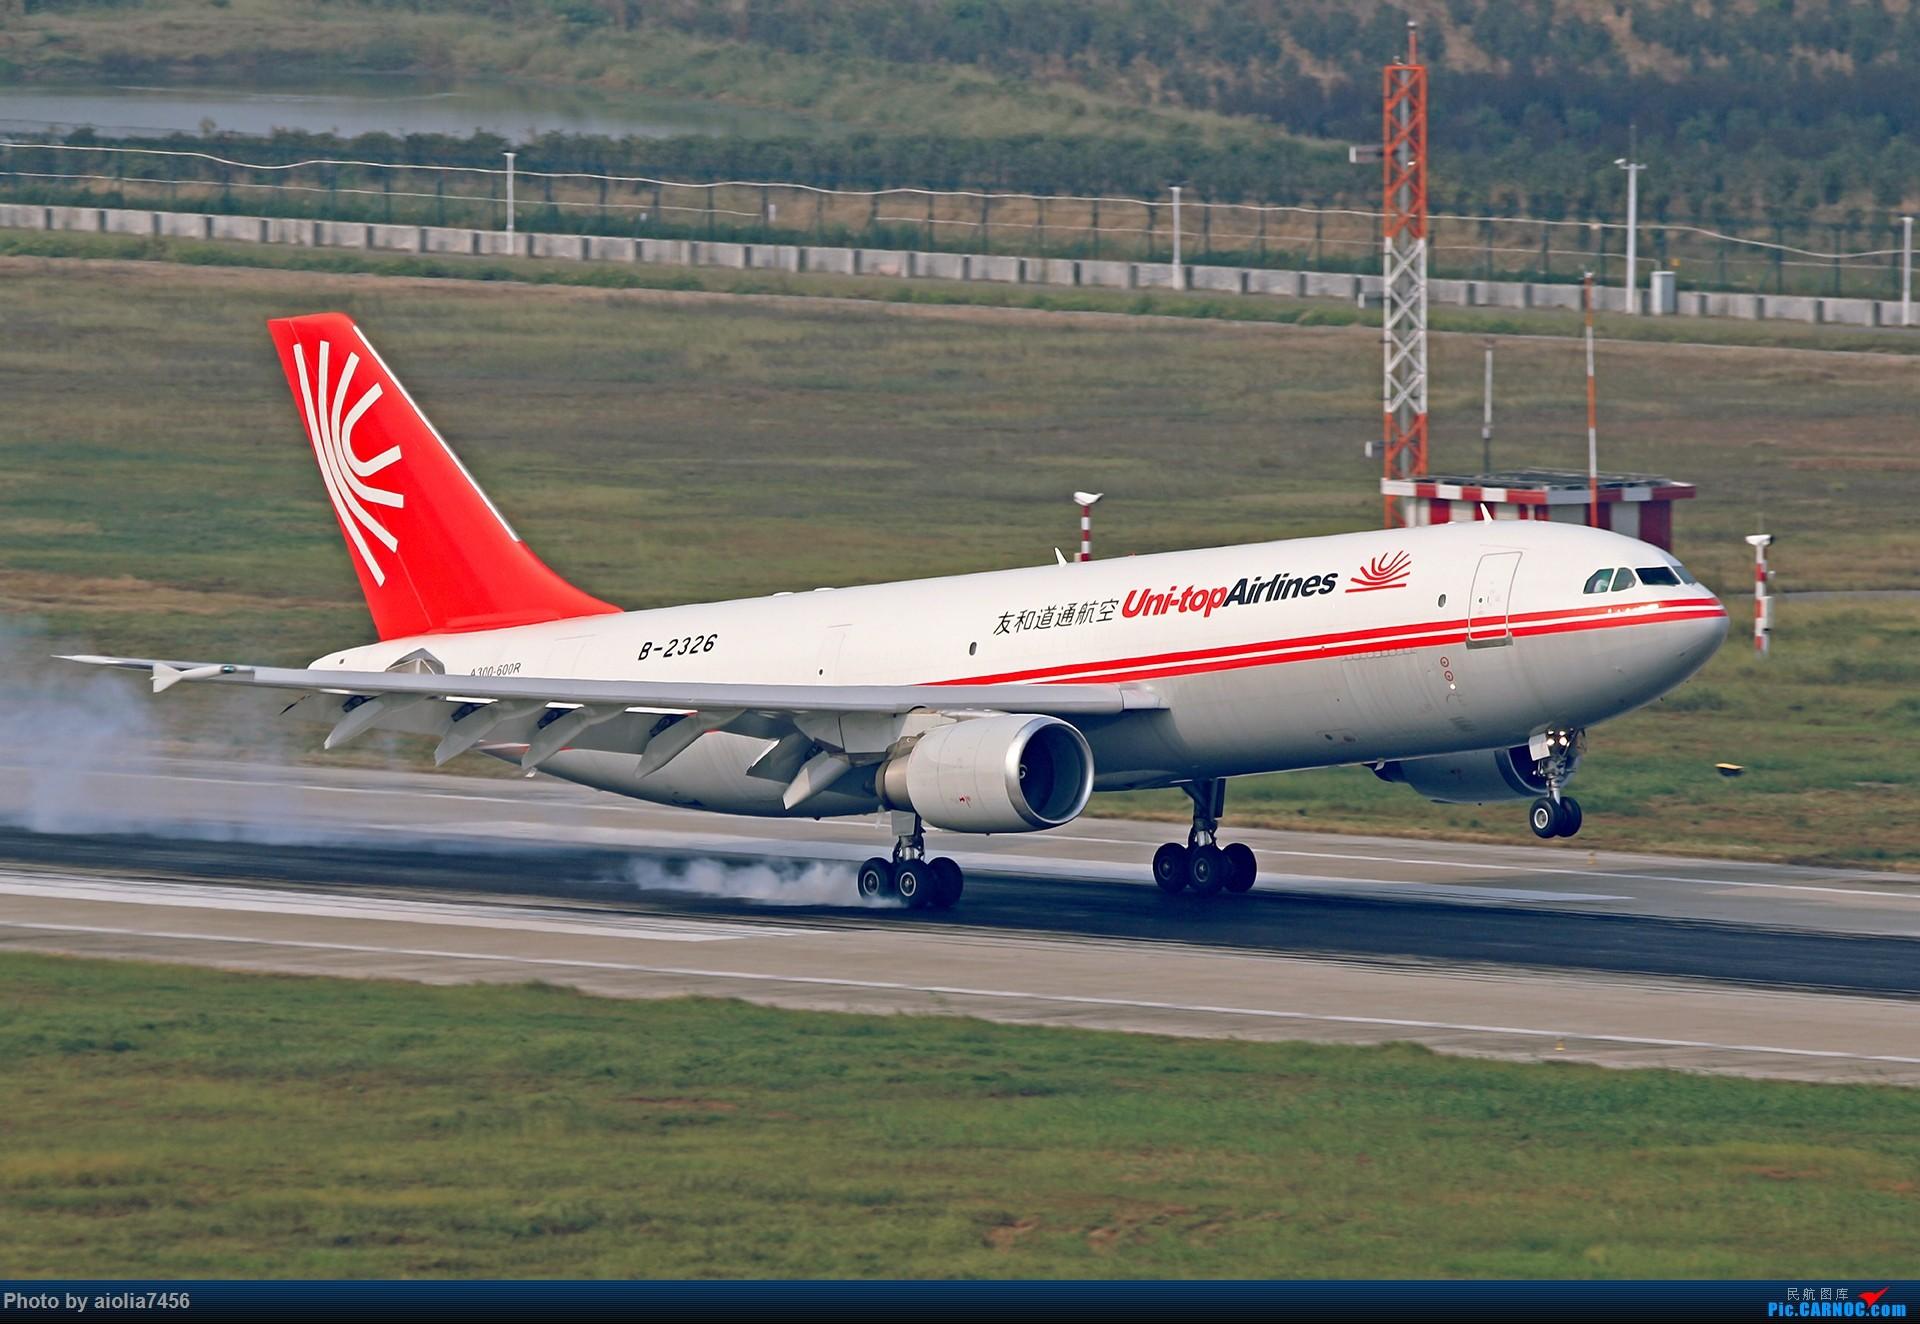 [原创][霸都打鸡队]合肥飞友会 本场训练的AB6 (塔台视角) AIRBUS A300B4-600 B-2326 中国合肥新桥国际机场